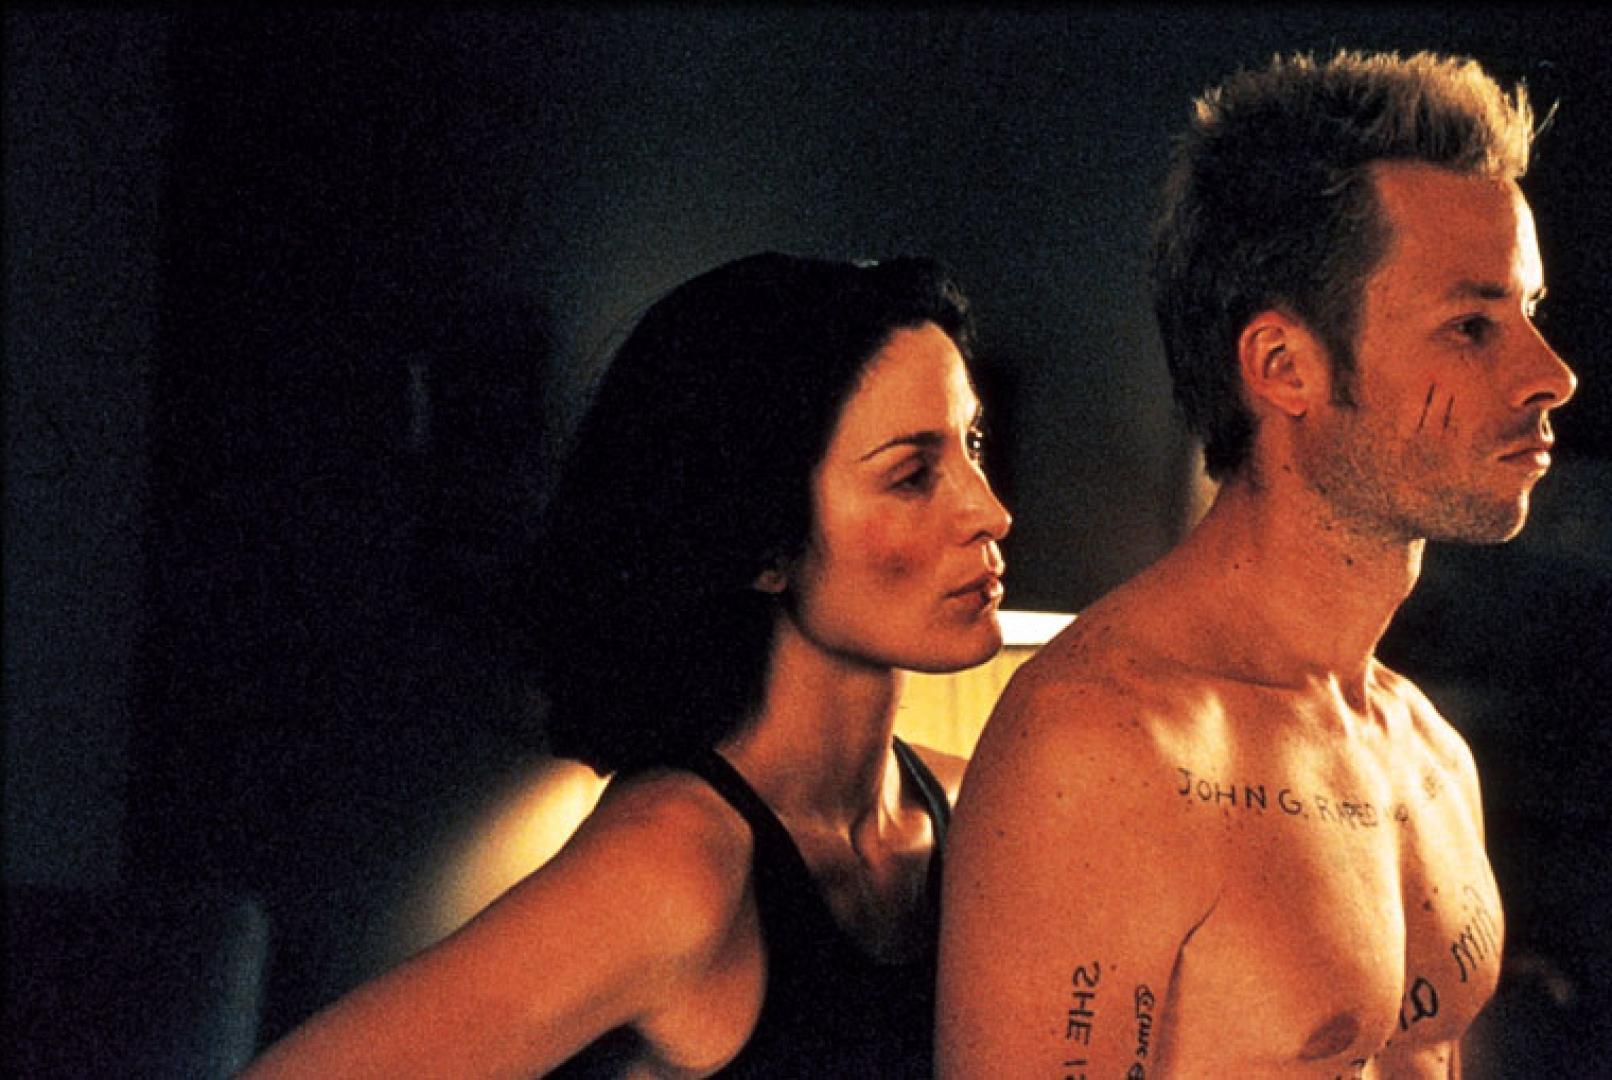 Memento - Mementó (2000) 1.kép